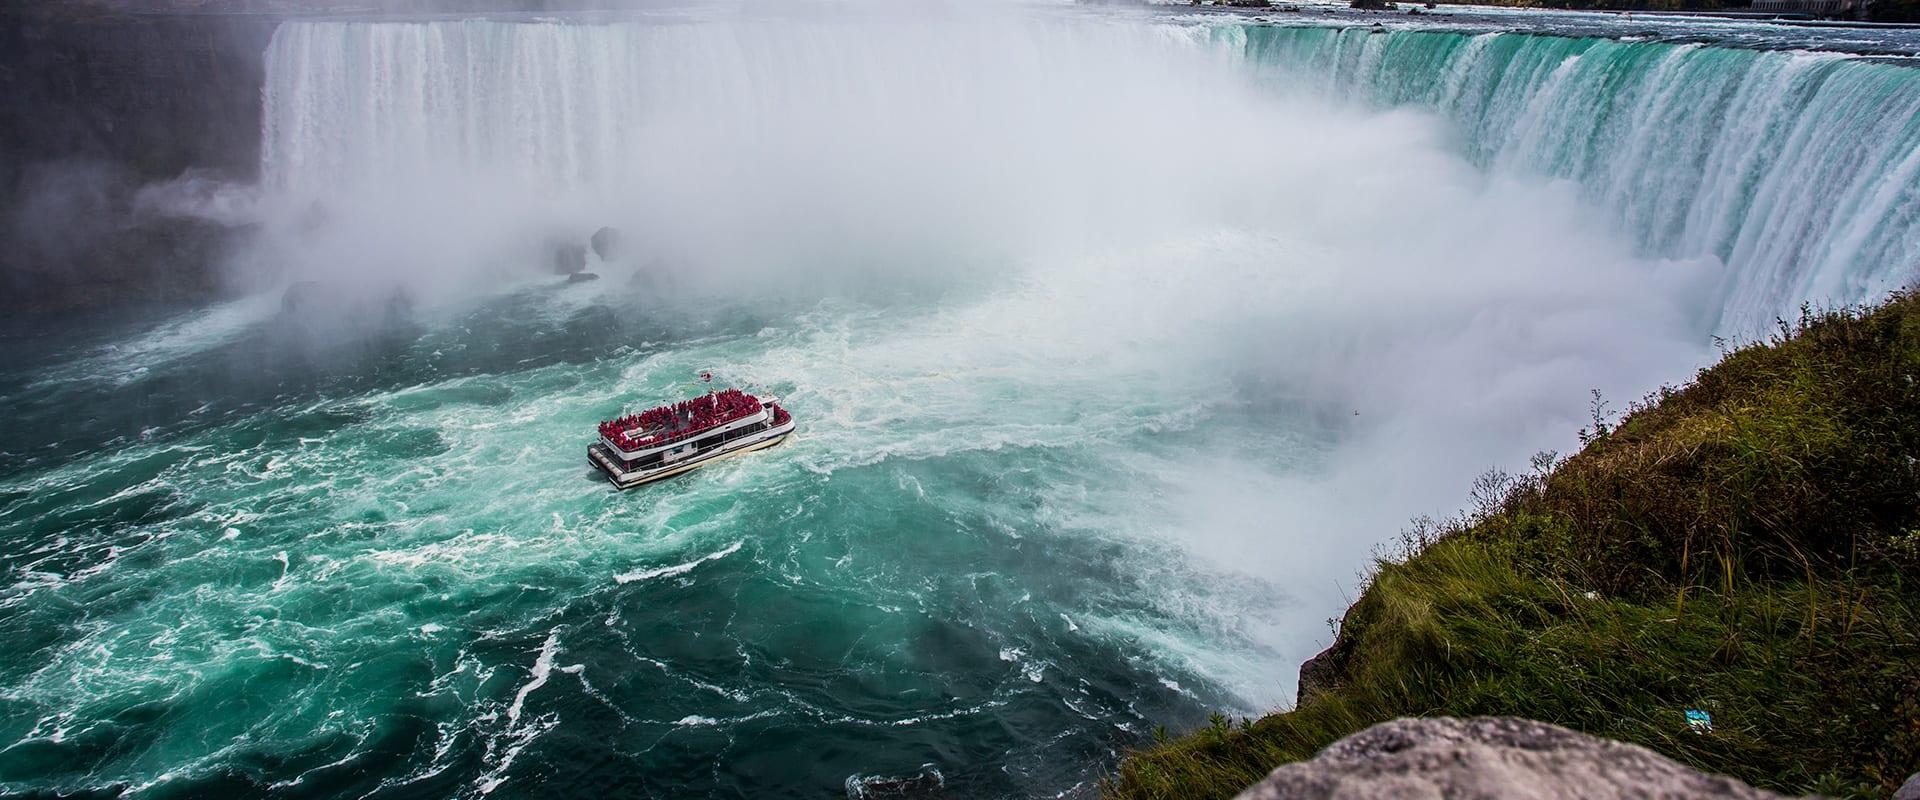 Pacotes de Viagem para o Canadá